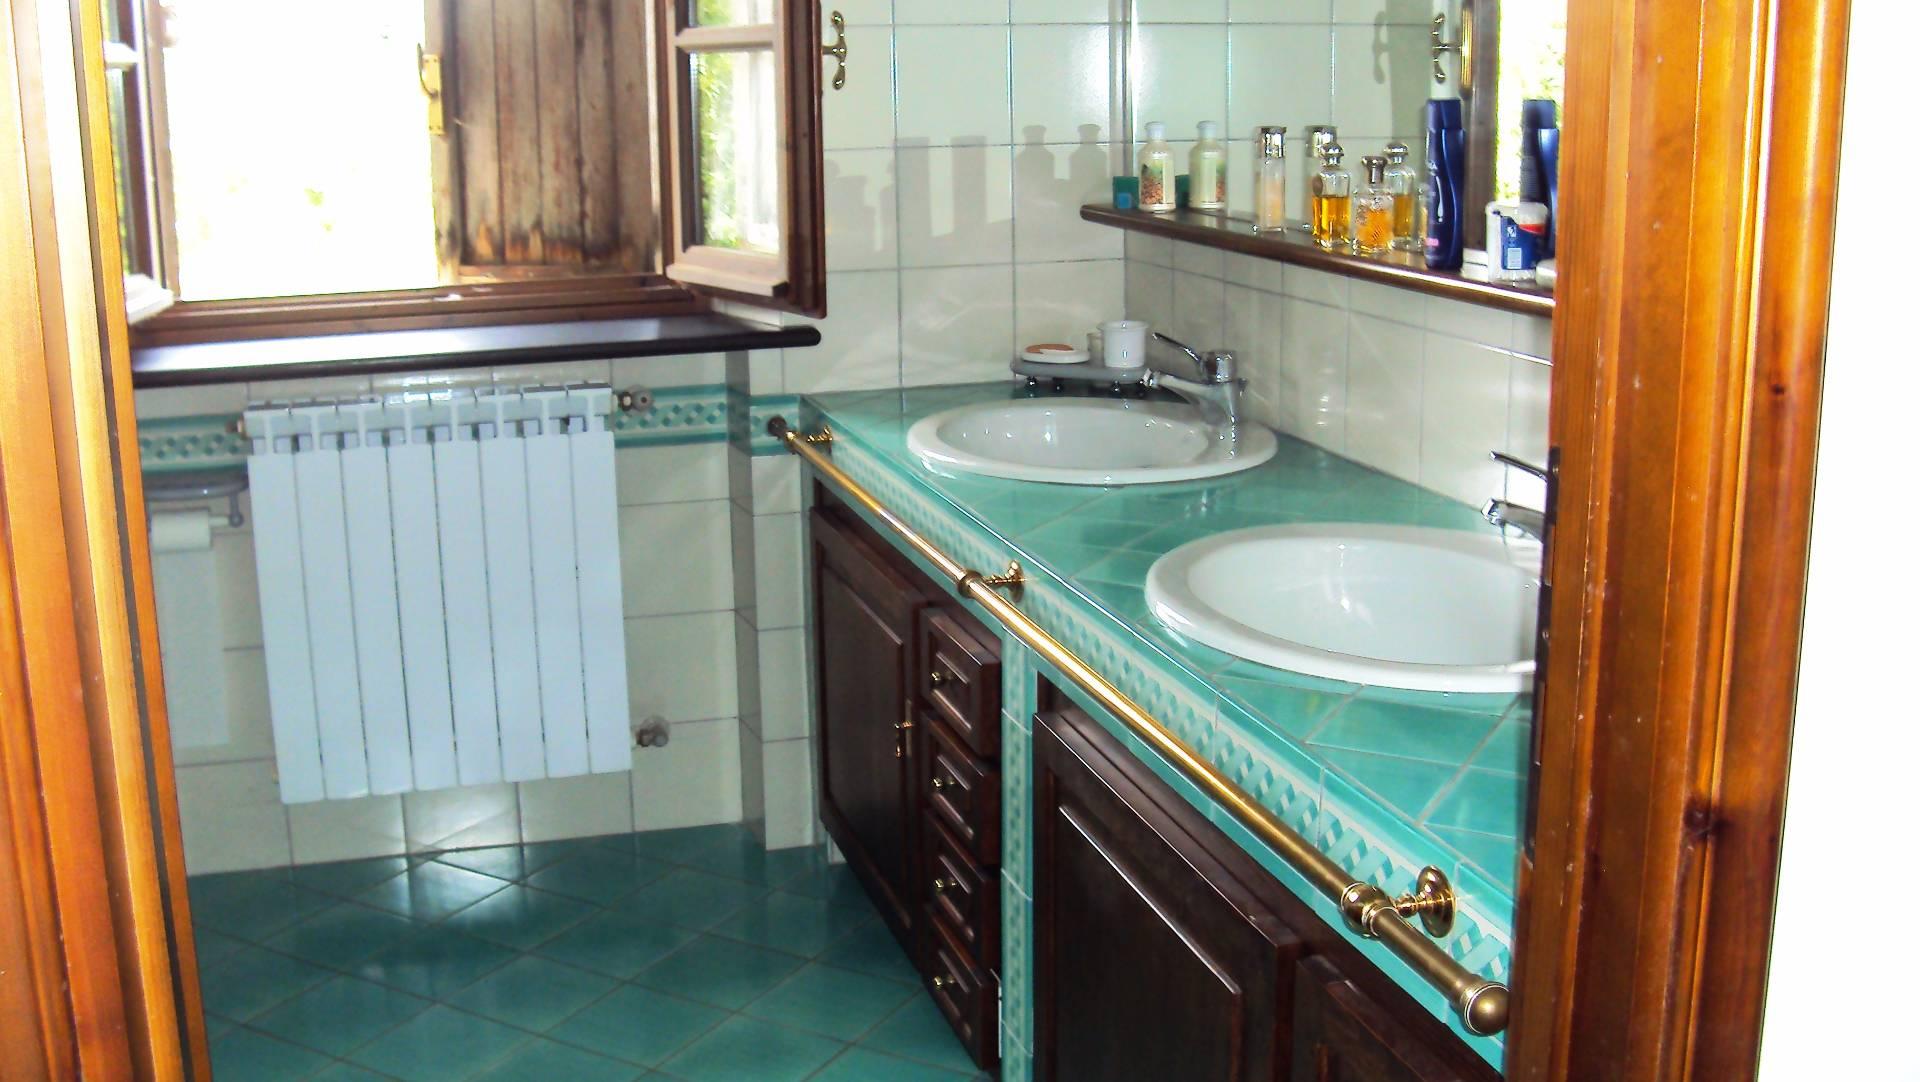 Villa in vendita a Stella, 5 locali, zona Località: SanMartino, prezzo € 490.000 | CambioCasa.it